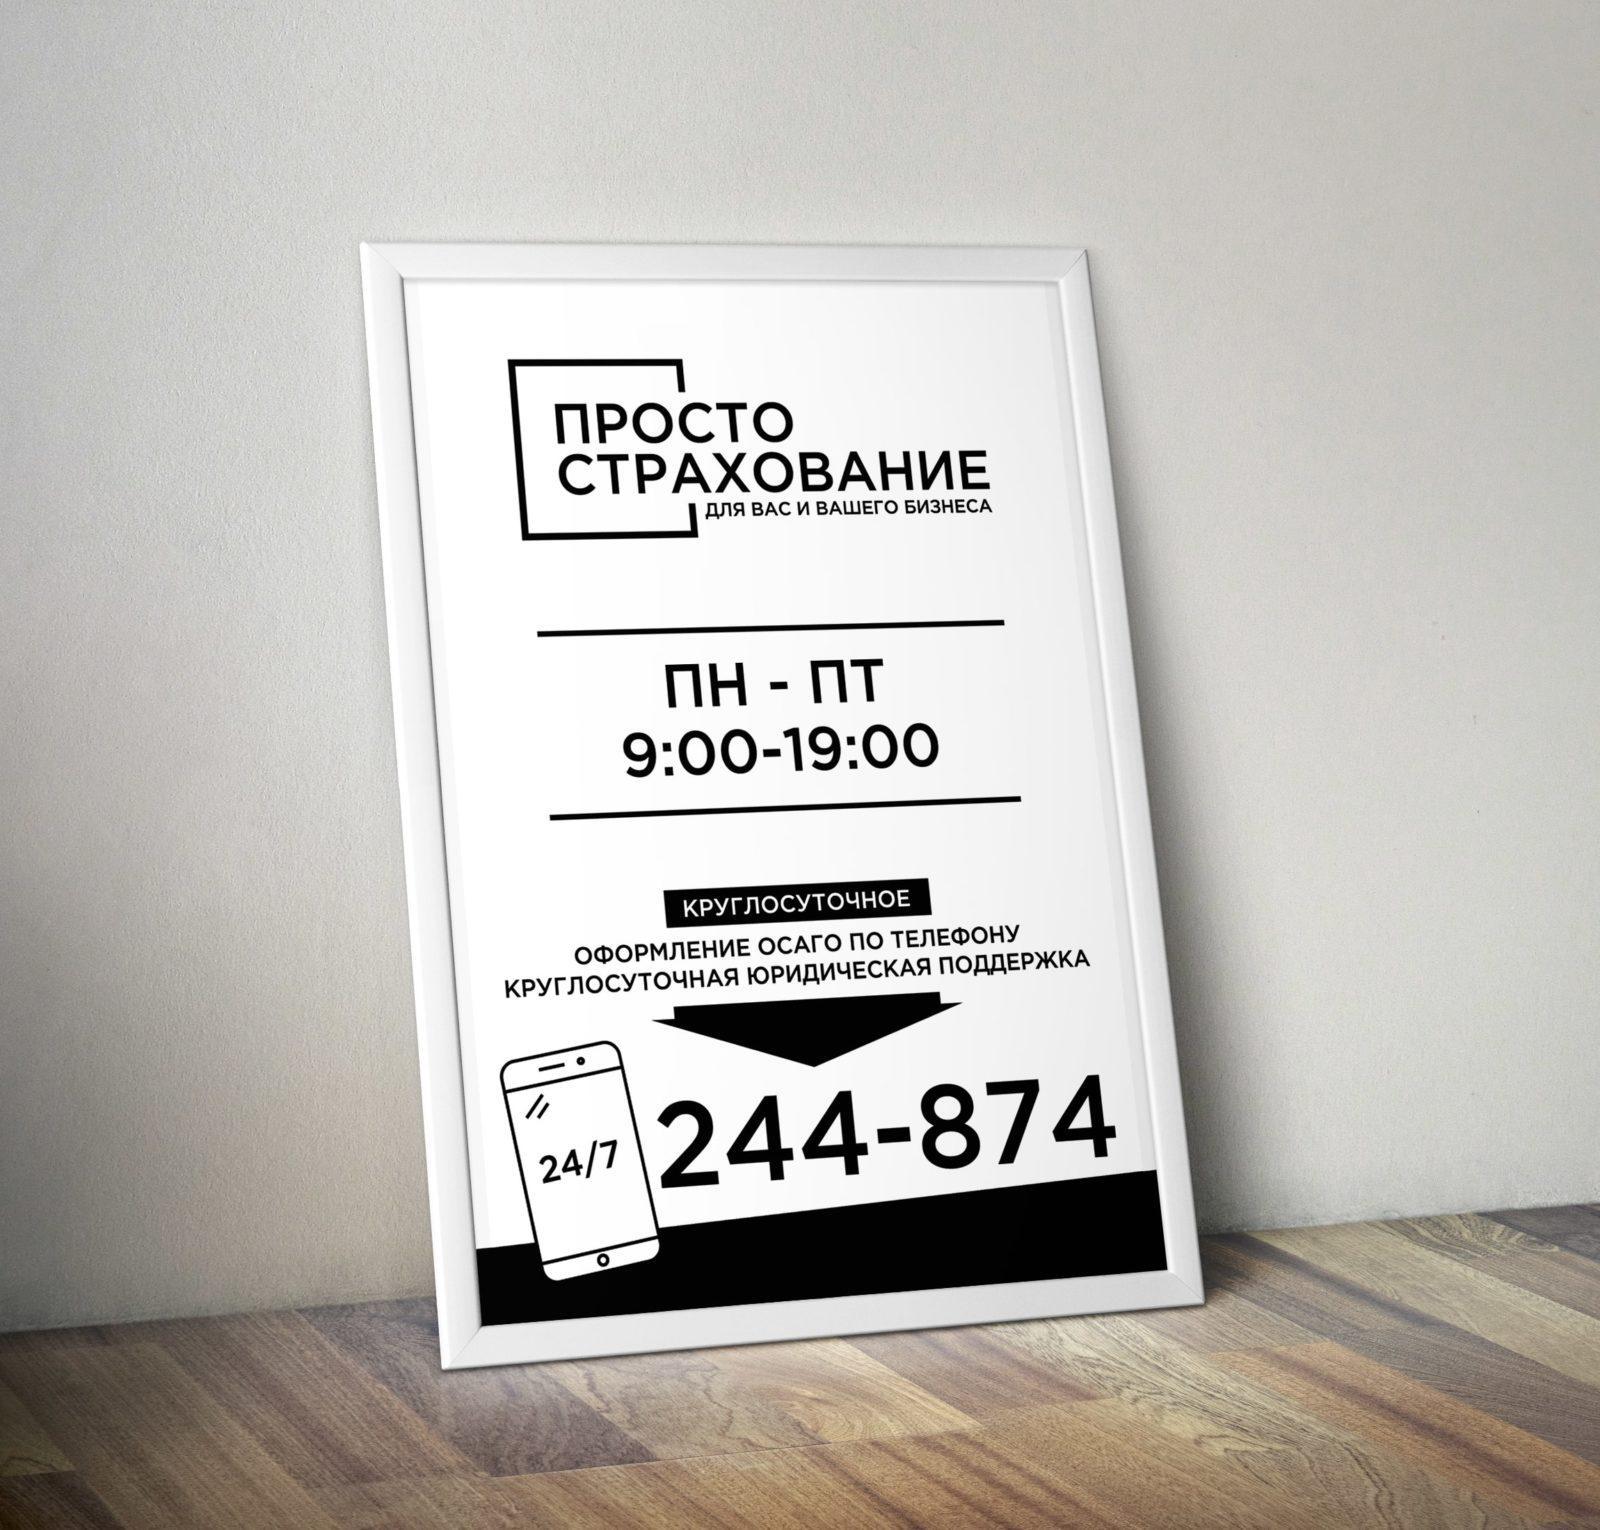 дизайн таблички с режимом работы